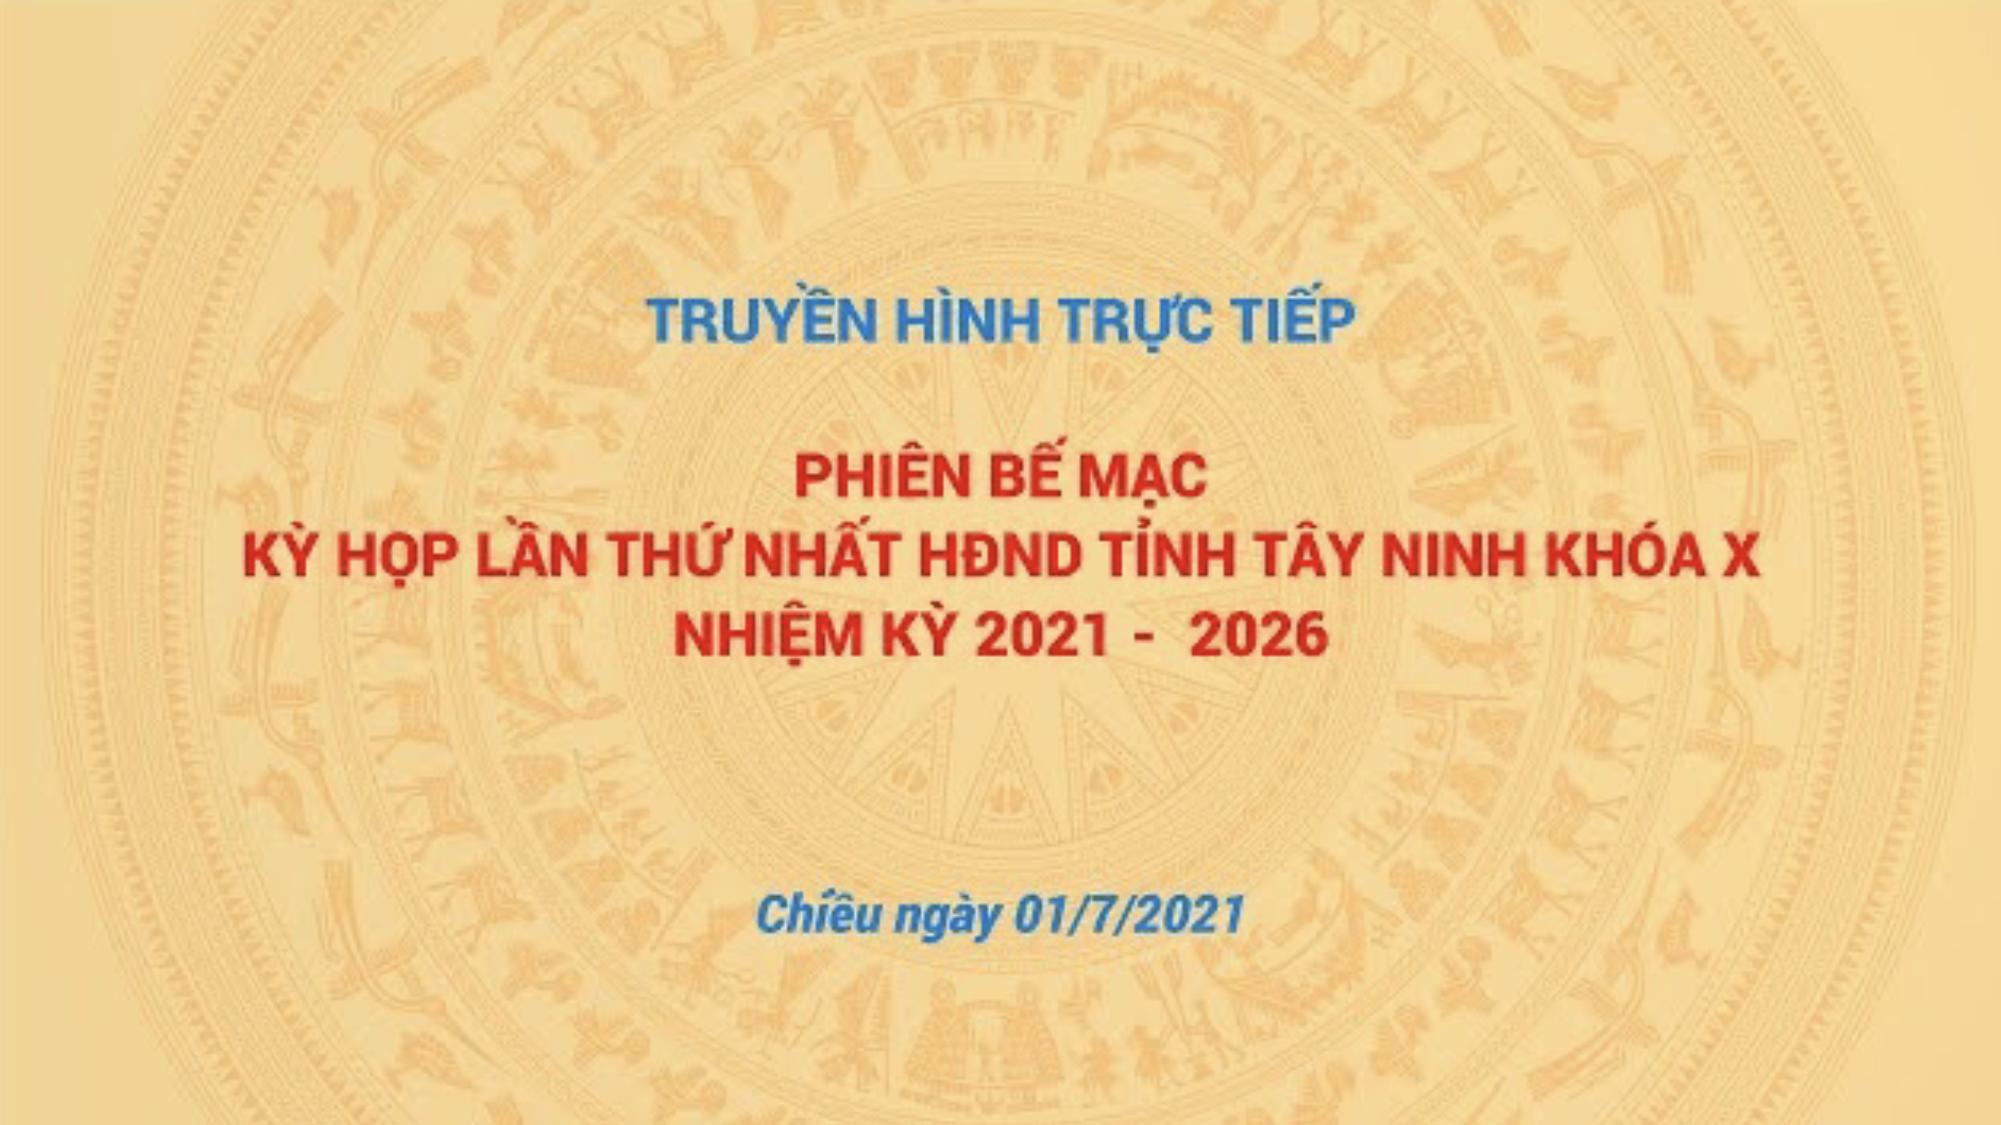 Phiên bế mạc: Kỳ họp thứ nhất, HĐND tỉnh Tây Ninh, khóa X, nhiệm kỳ 2021 - 2026   Tin tức hôm nay   TâyNinhTV